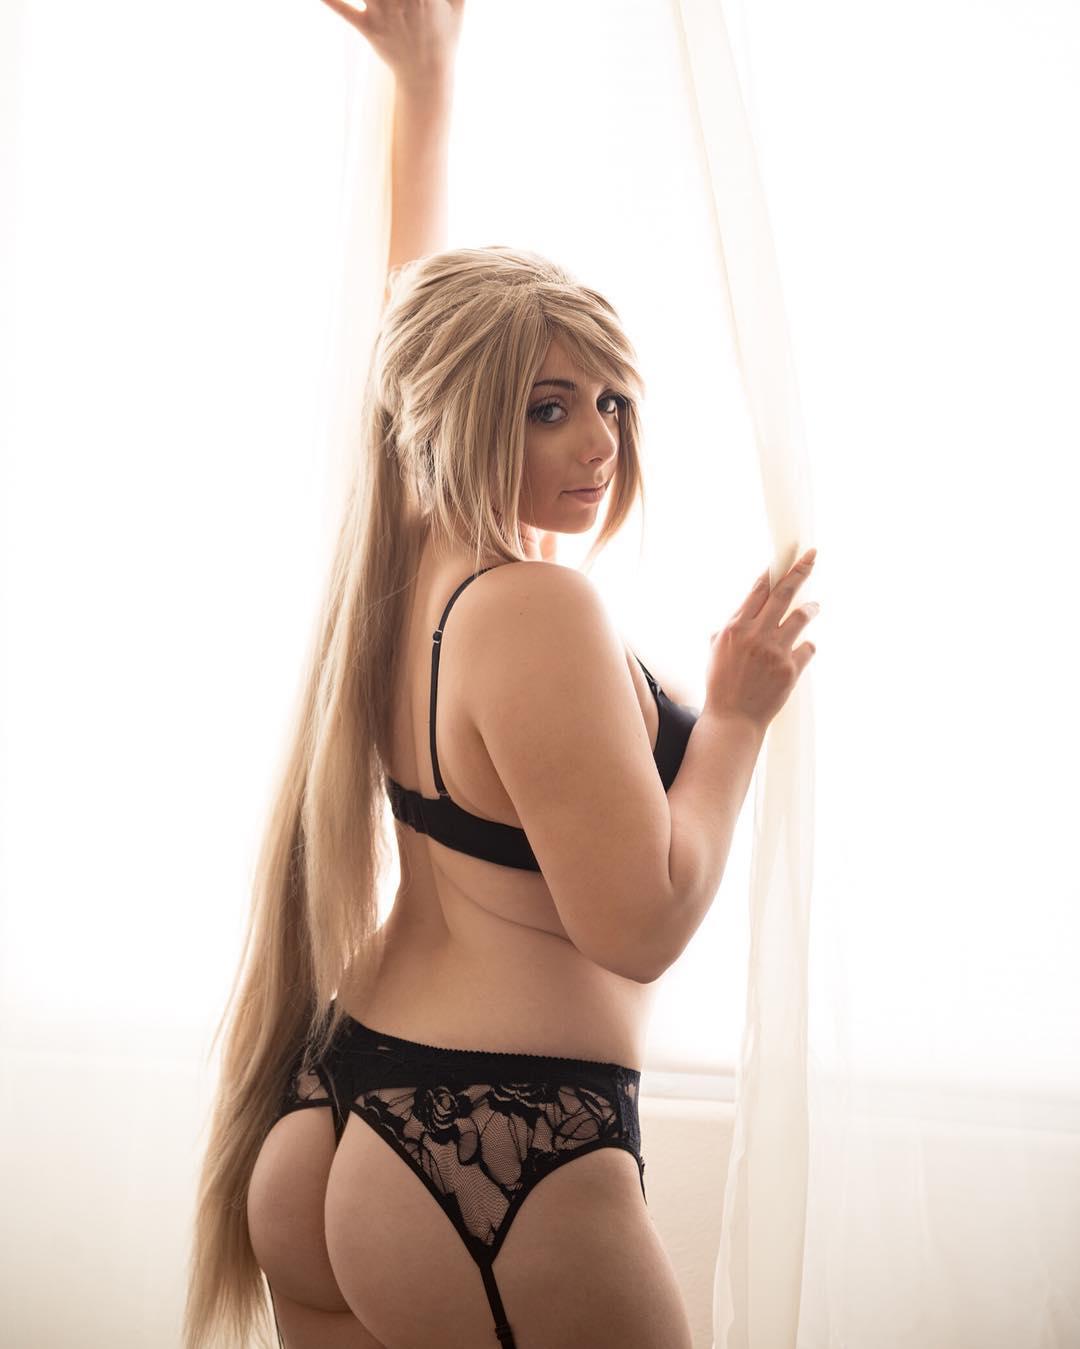 NudeCelebGallscom  Celebrity Porn Photos and Movies